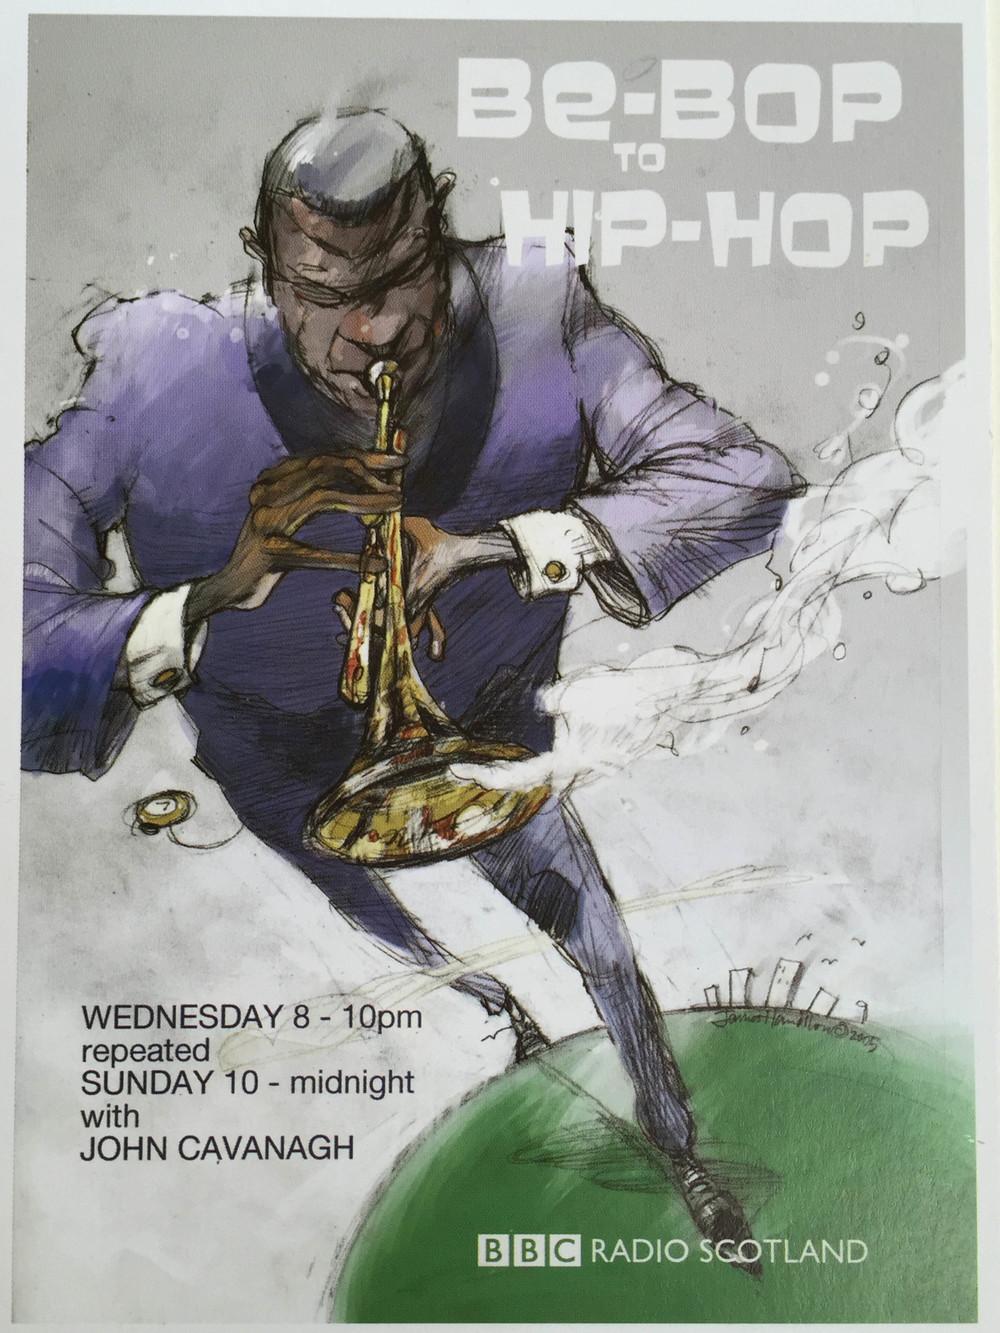 be-bop to hip-hop2.jpg